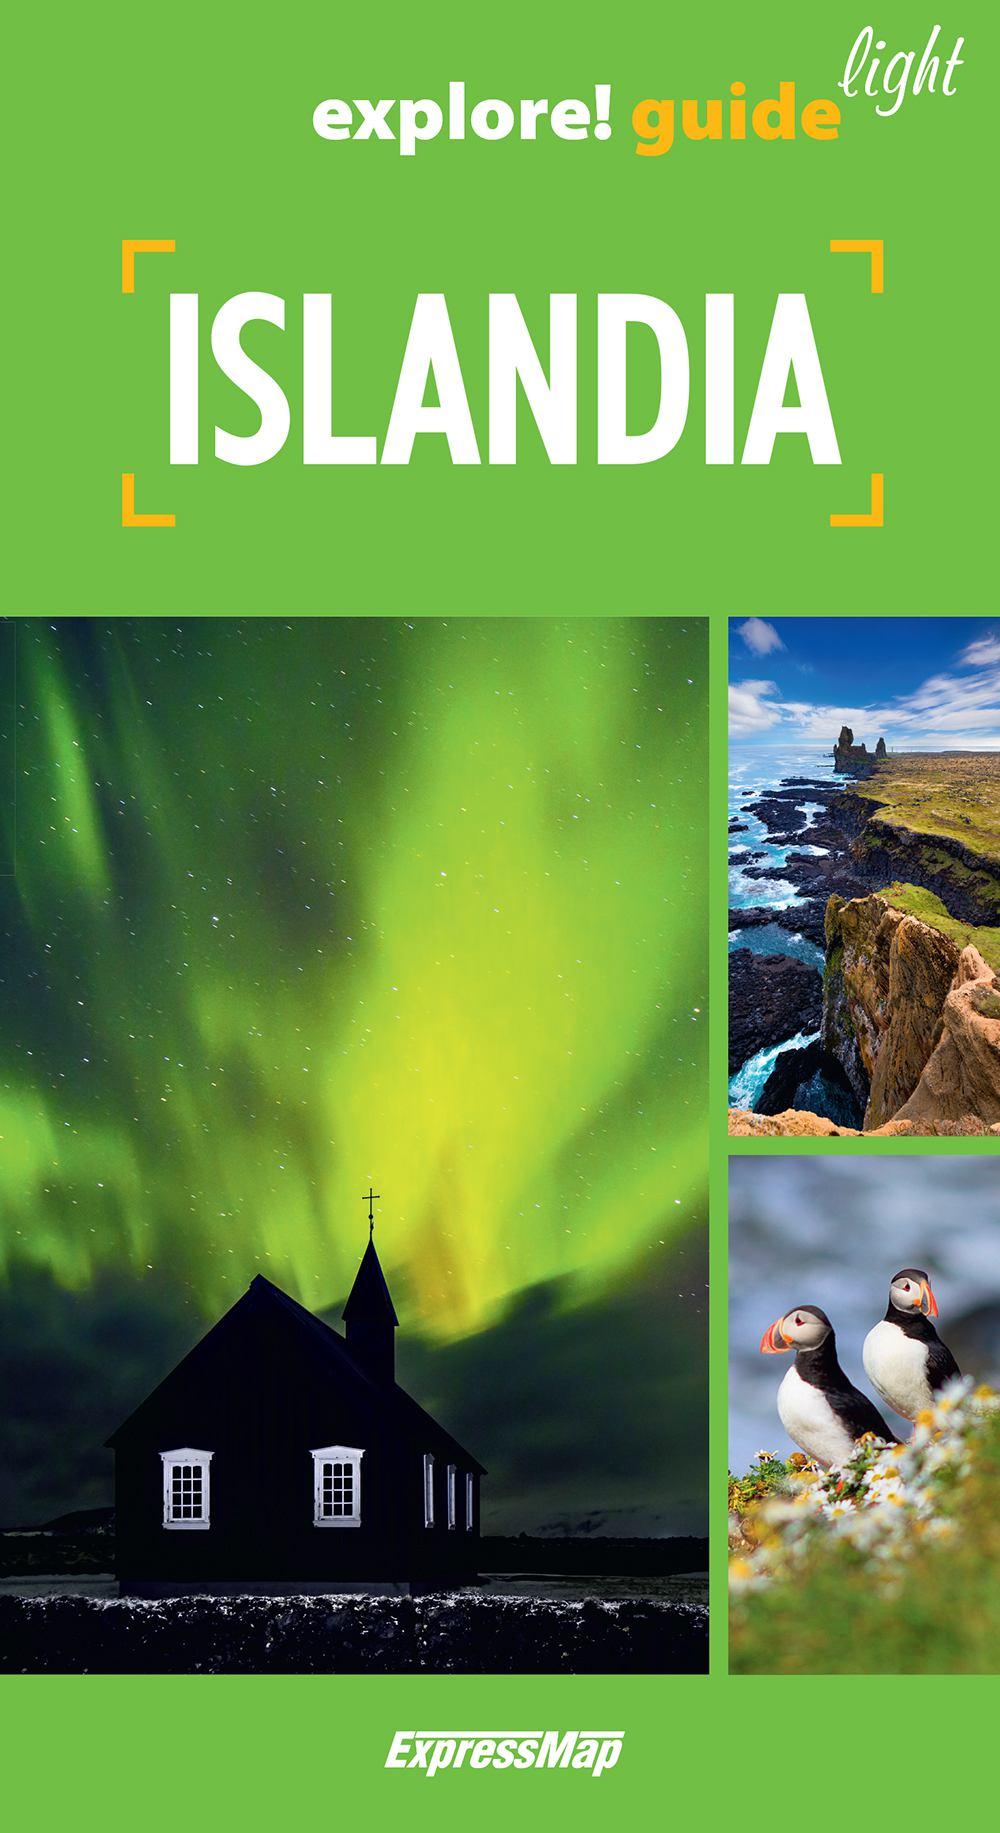 Islandia light: przewodnik - Ebook (Książka EPUB) do pobrania w formacie EPUB